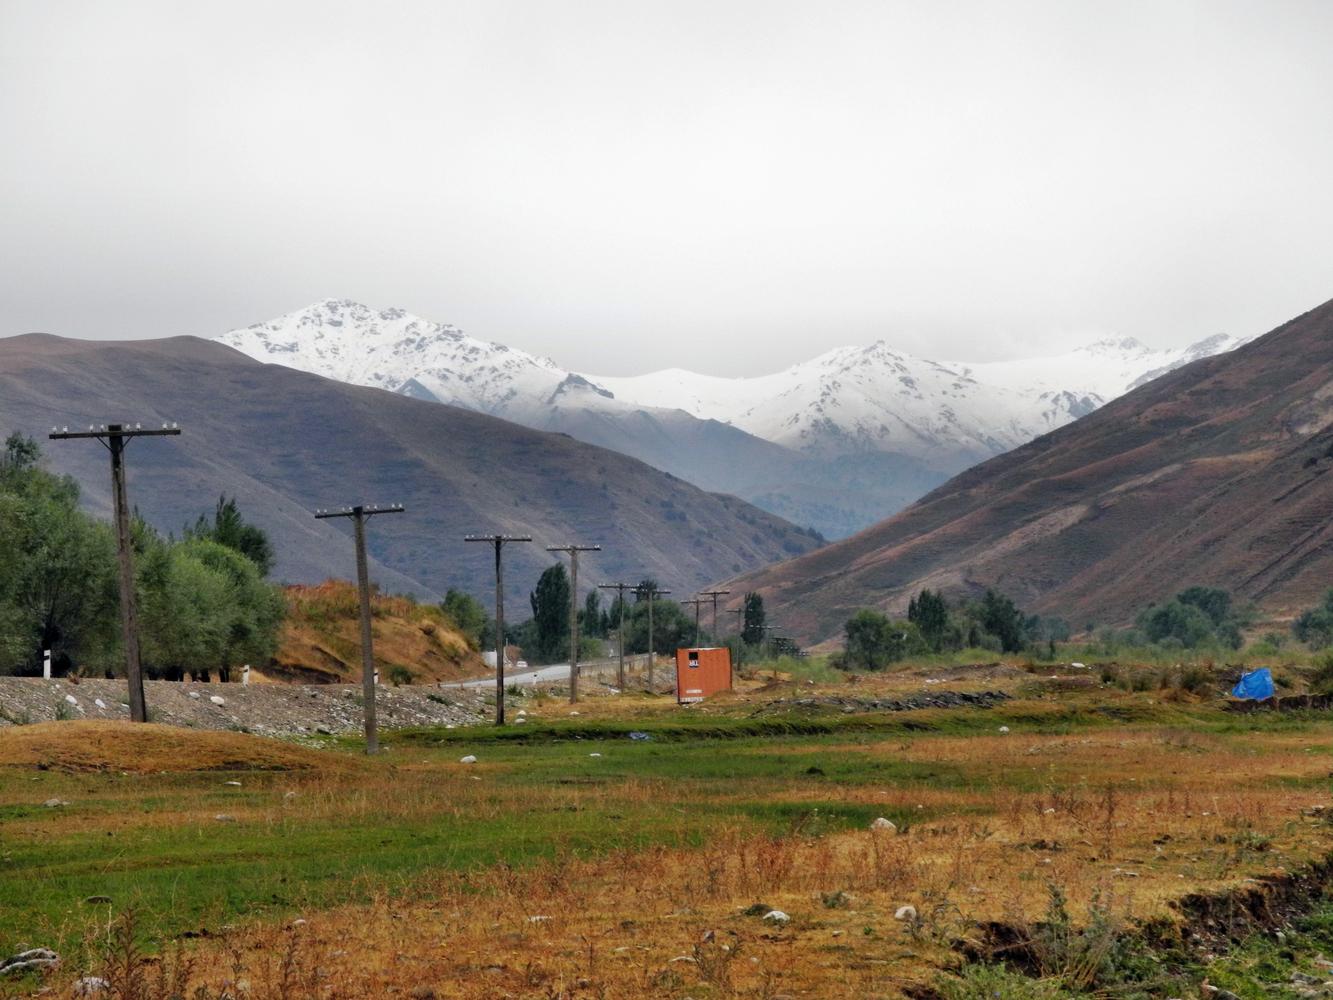 Auf den Bergen liegt schon Schnee